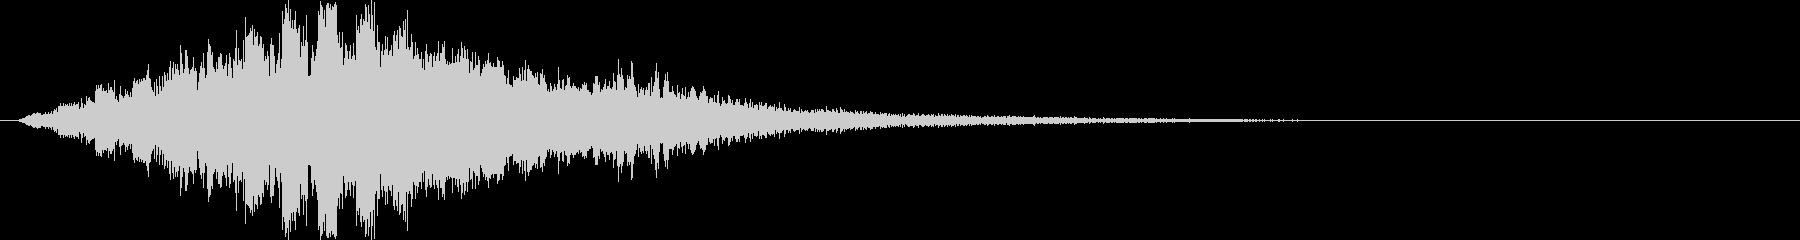 ティロロロロロ↑(場面転換、解放、星)の未再生の波形